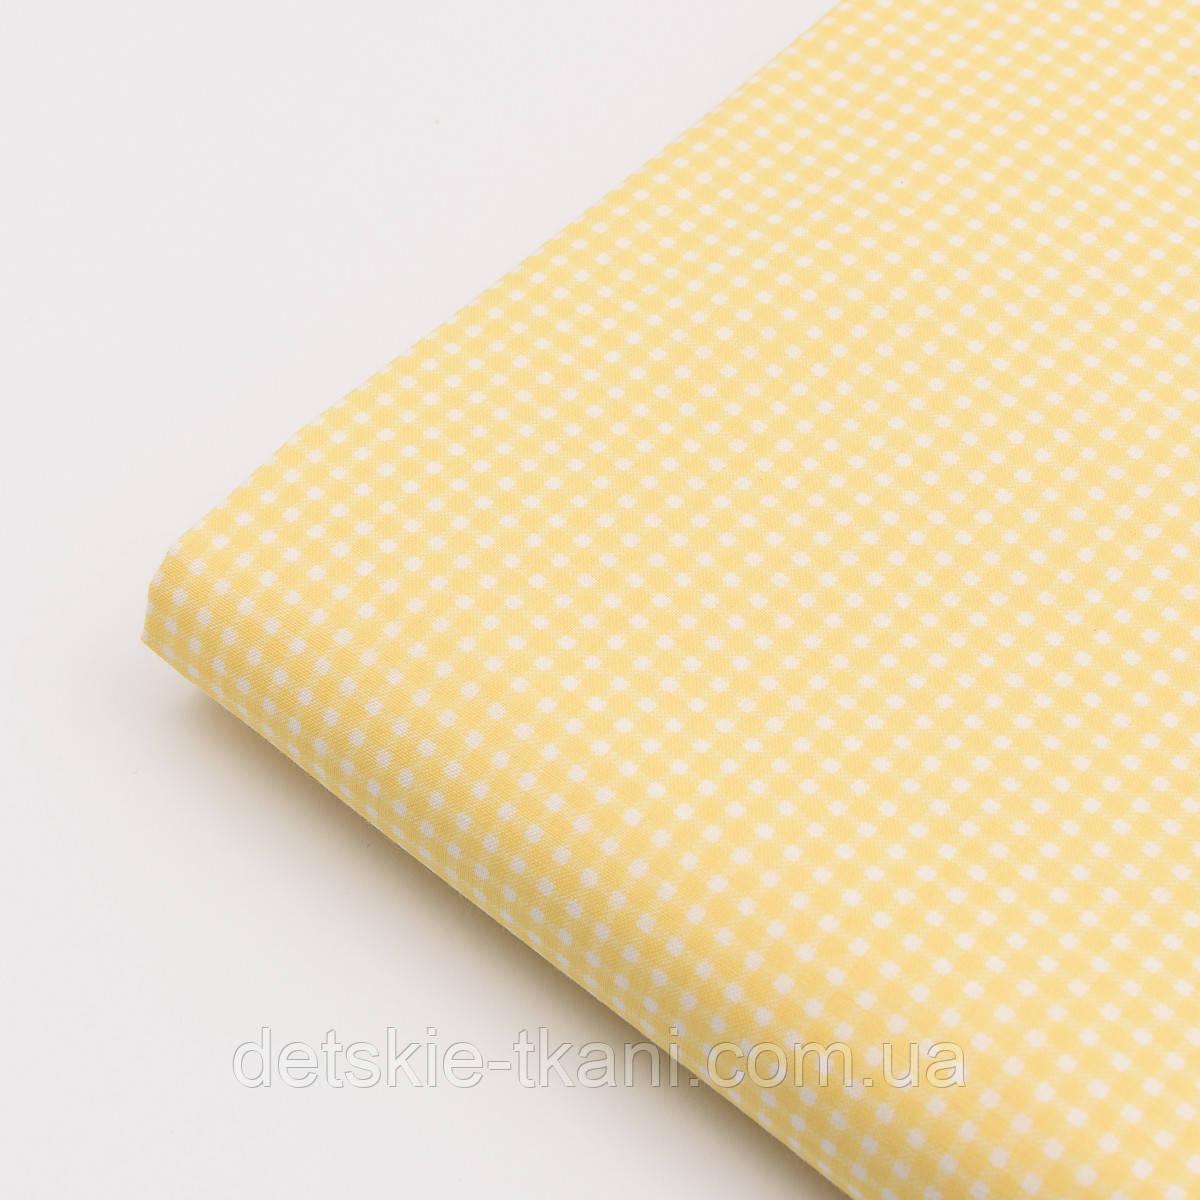 Лоскут ткани №306а  с мелкой жёлтой клеточкой, размер 52*52 см